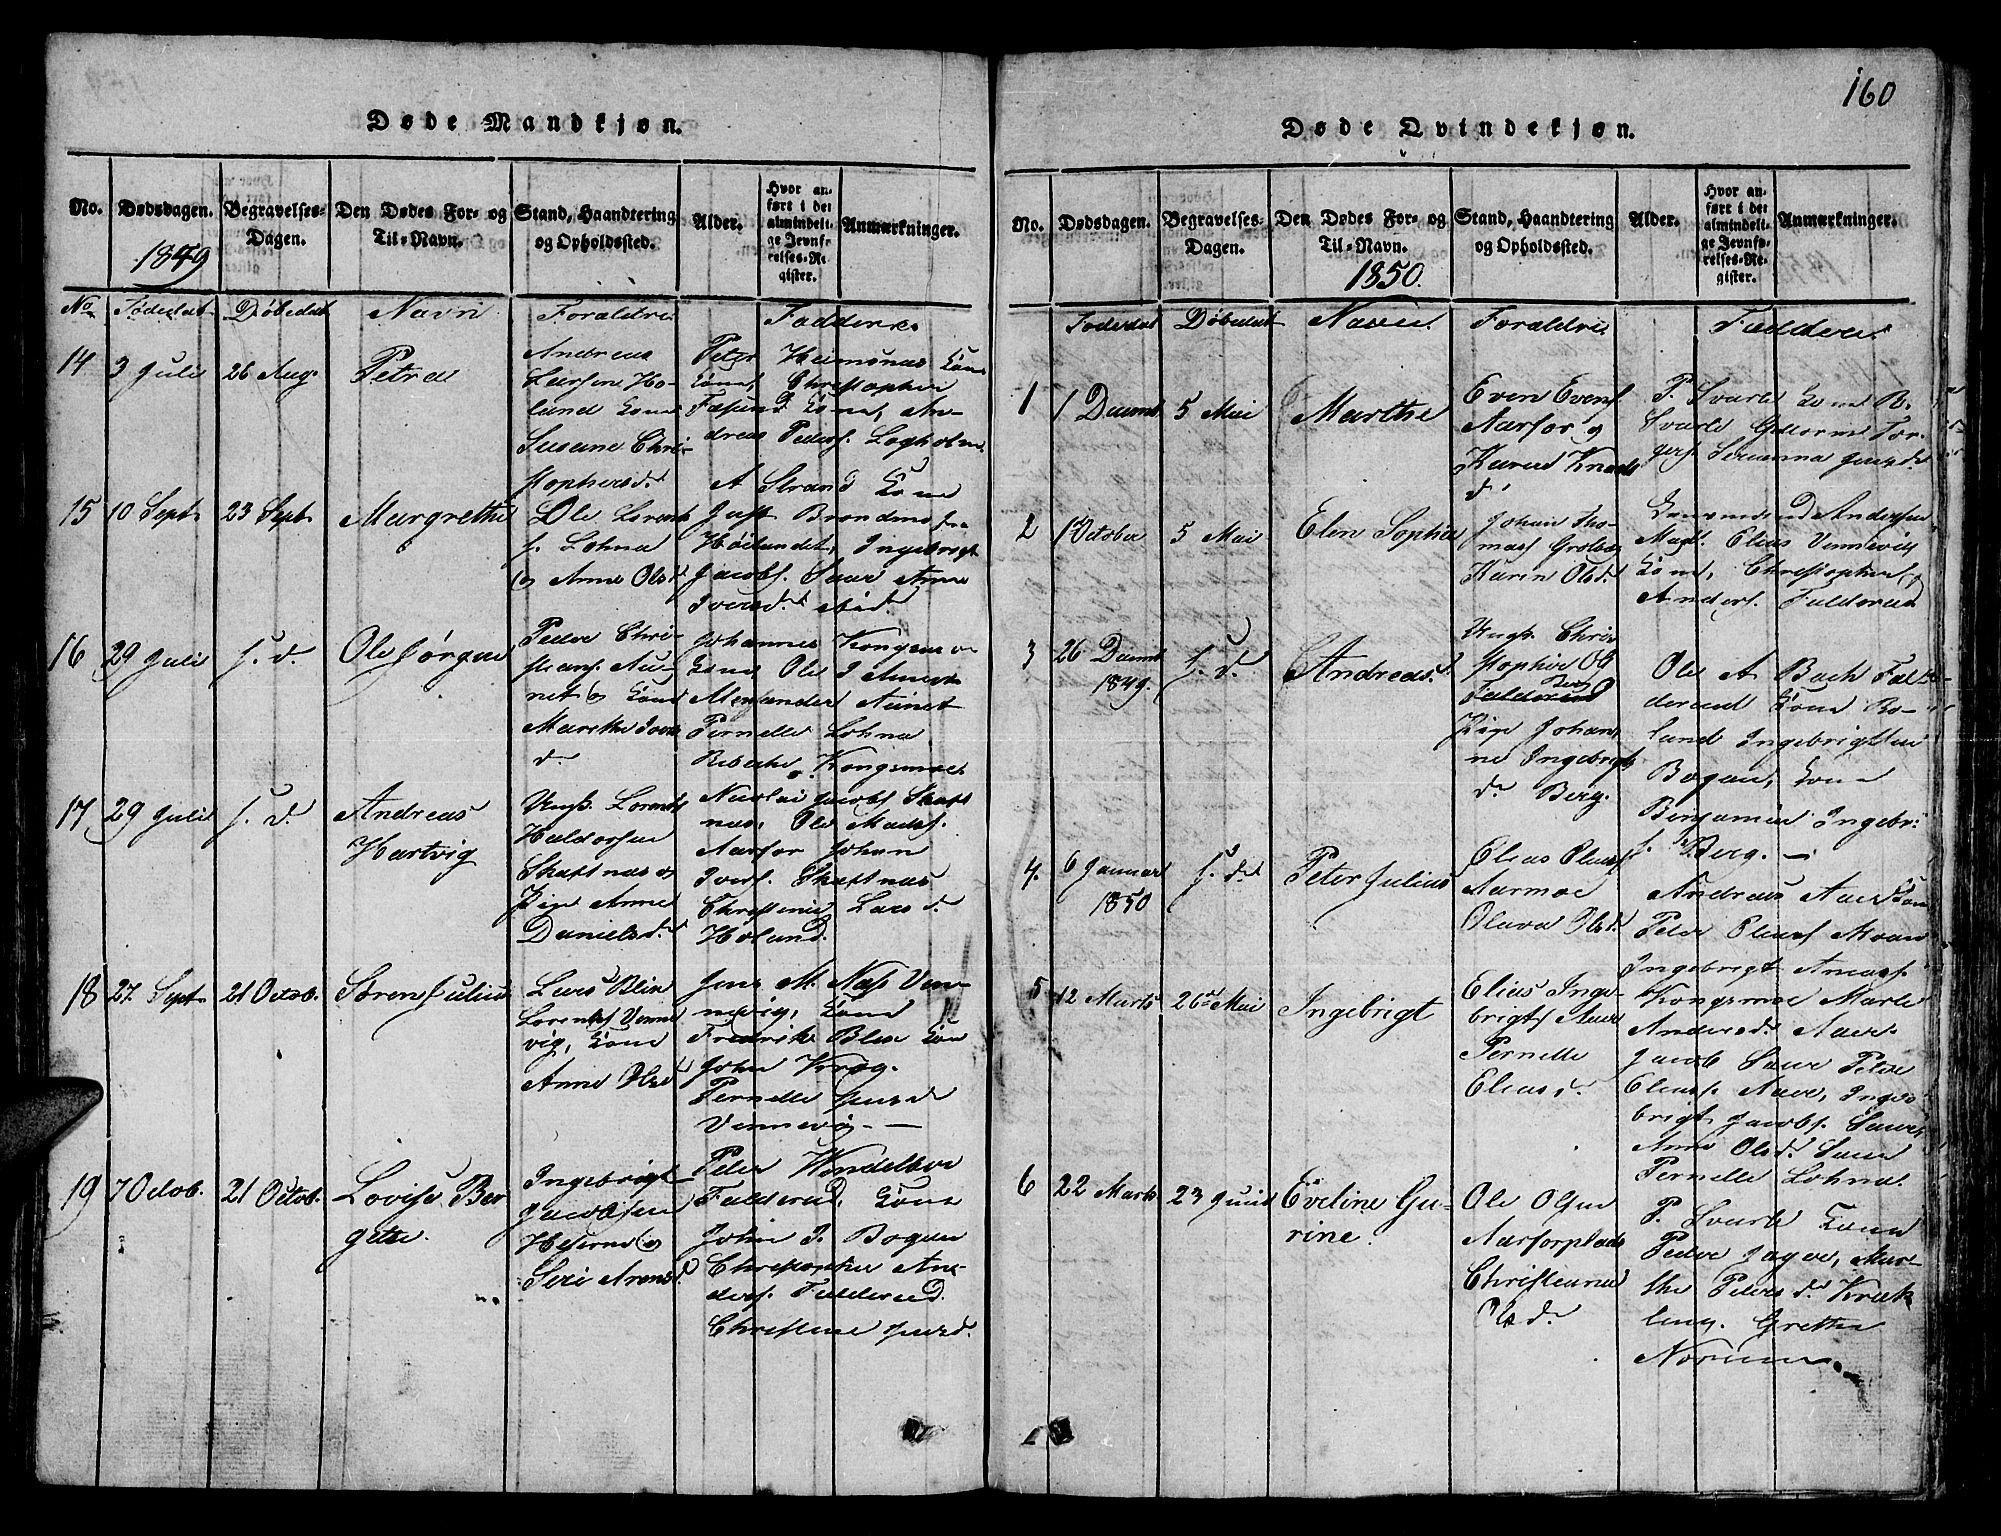 SAT, Ministerialprotokoller, klokkerbøker og fødselsregistre - Nord-Trøndelag, 780/L0648: Klokkerbok nr. 780C01 /3, 1815-1877, s. 160